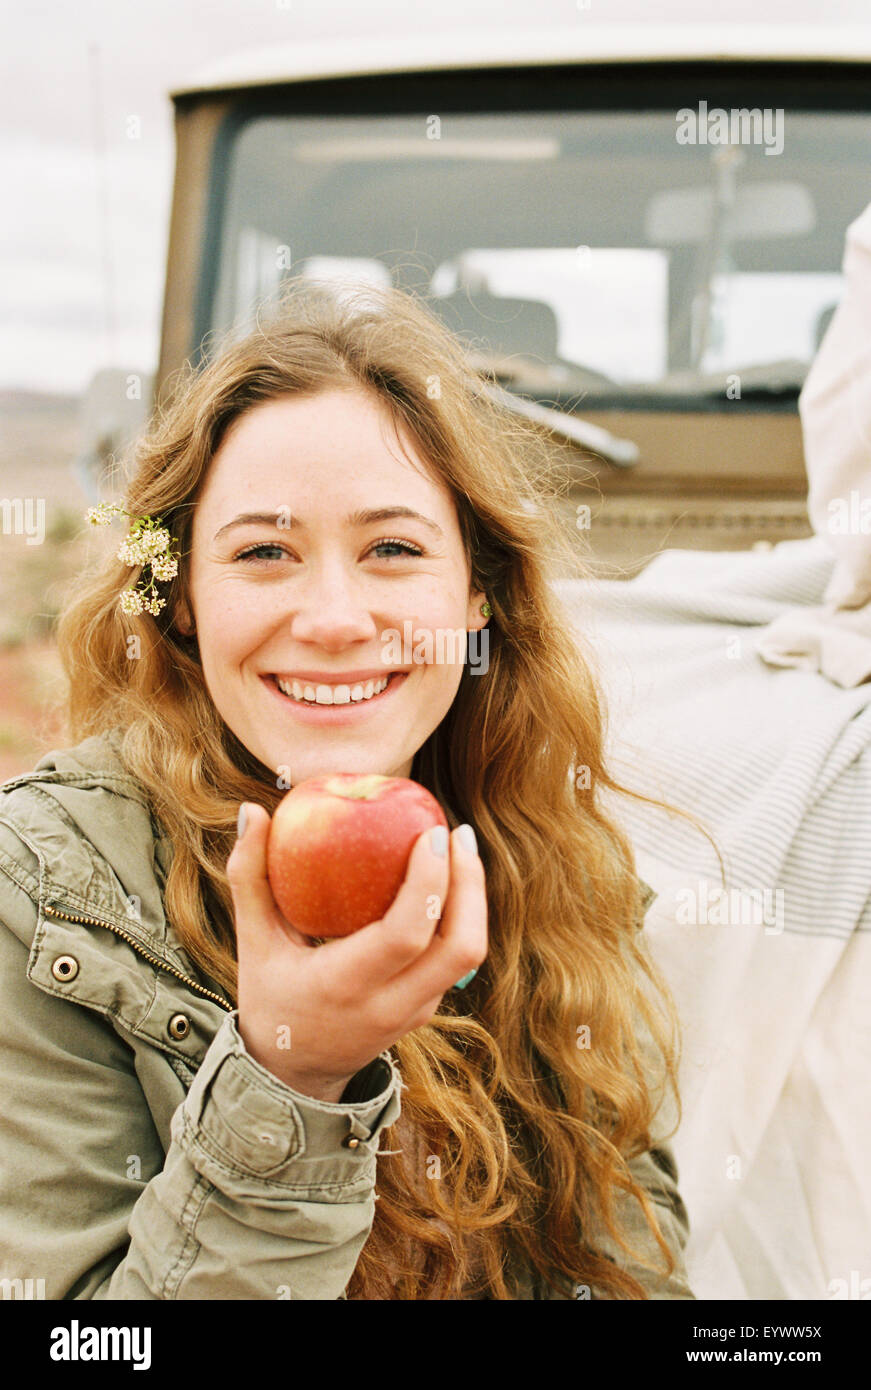 Eine junge Frau hält einen enthäuteten roten Apfel. Stockbild